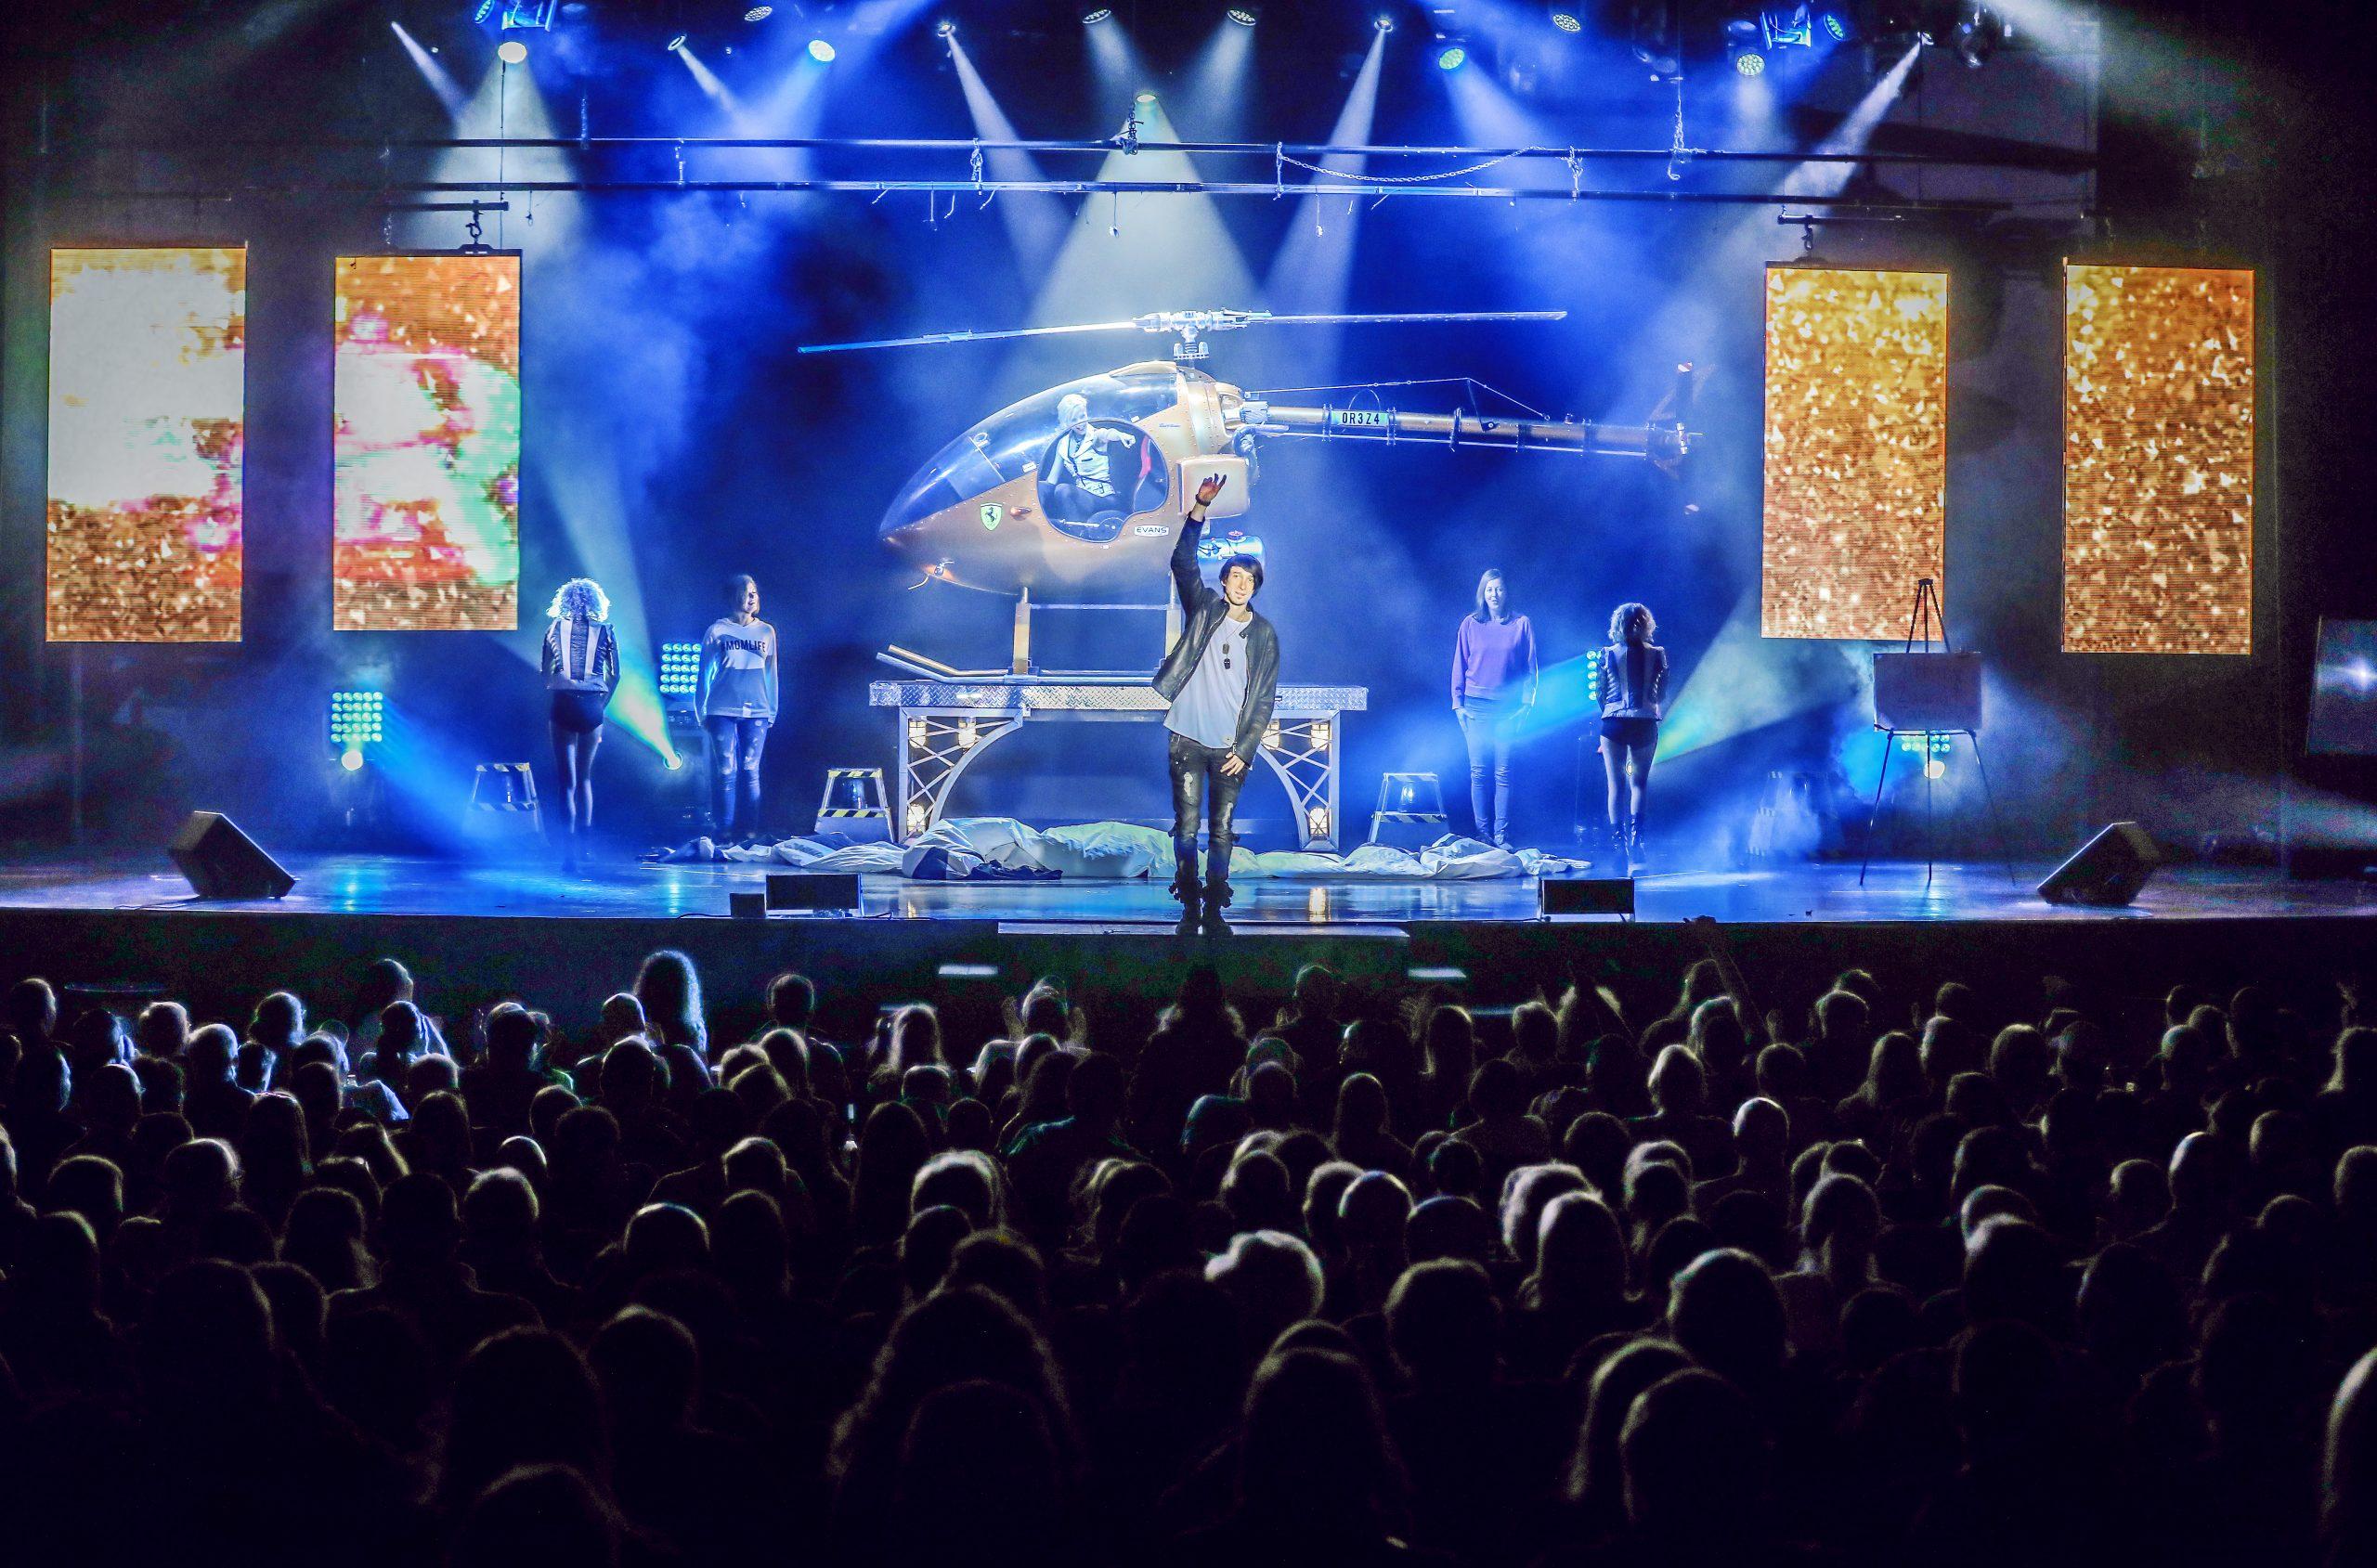 Reza_Edge_of_Illusion_Magic_Show_Branson_MO